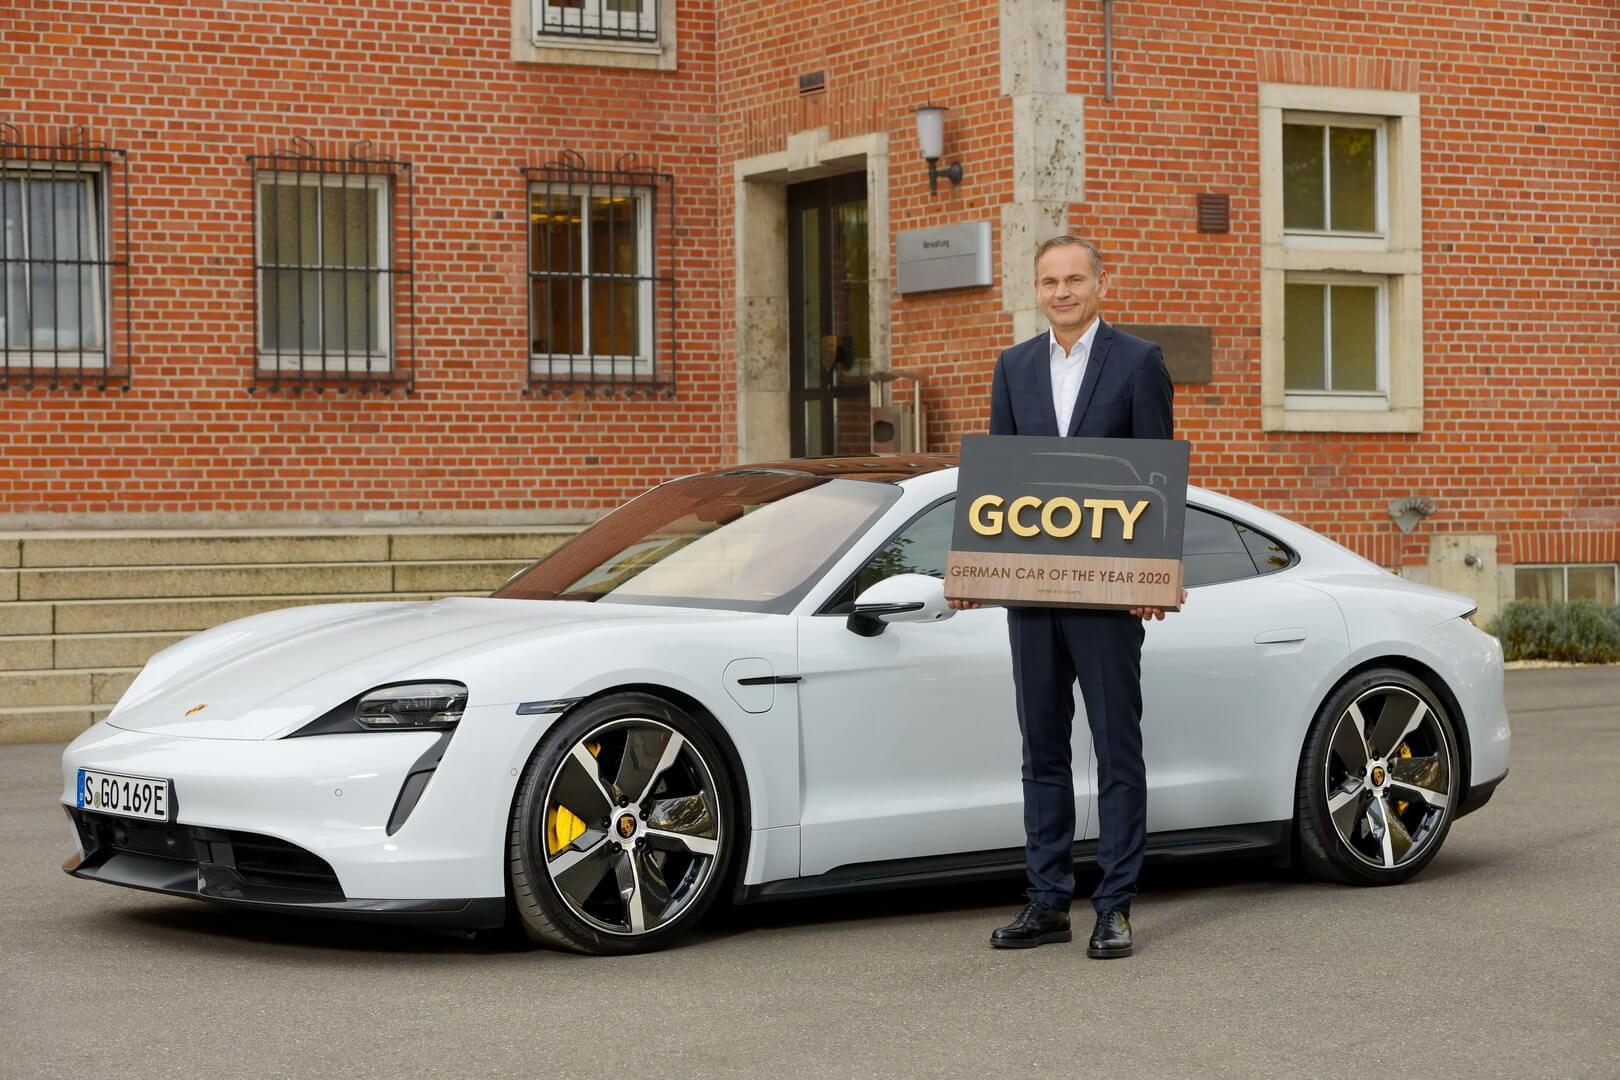 Награду от имени Porsche получал генеральный директор компании Оливер Блюм